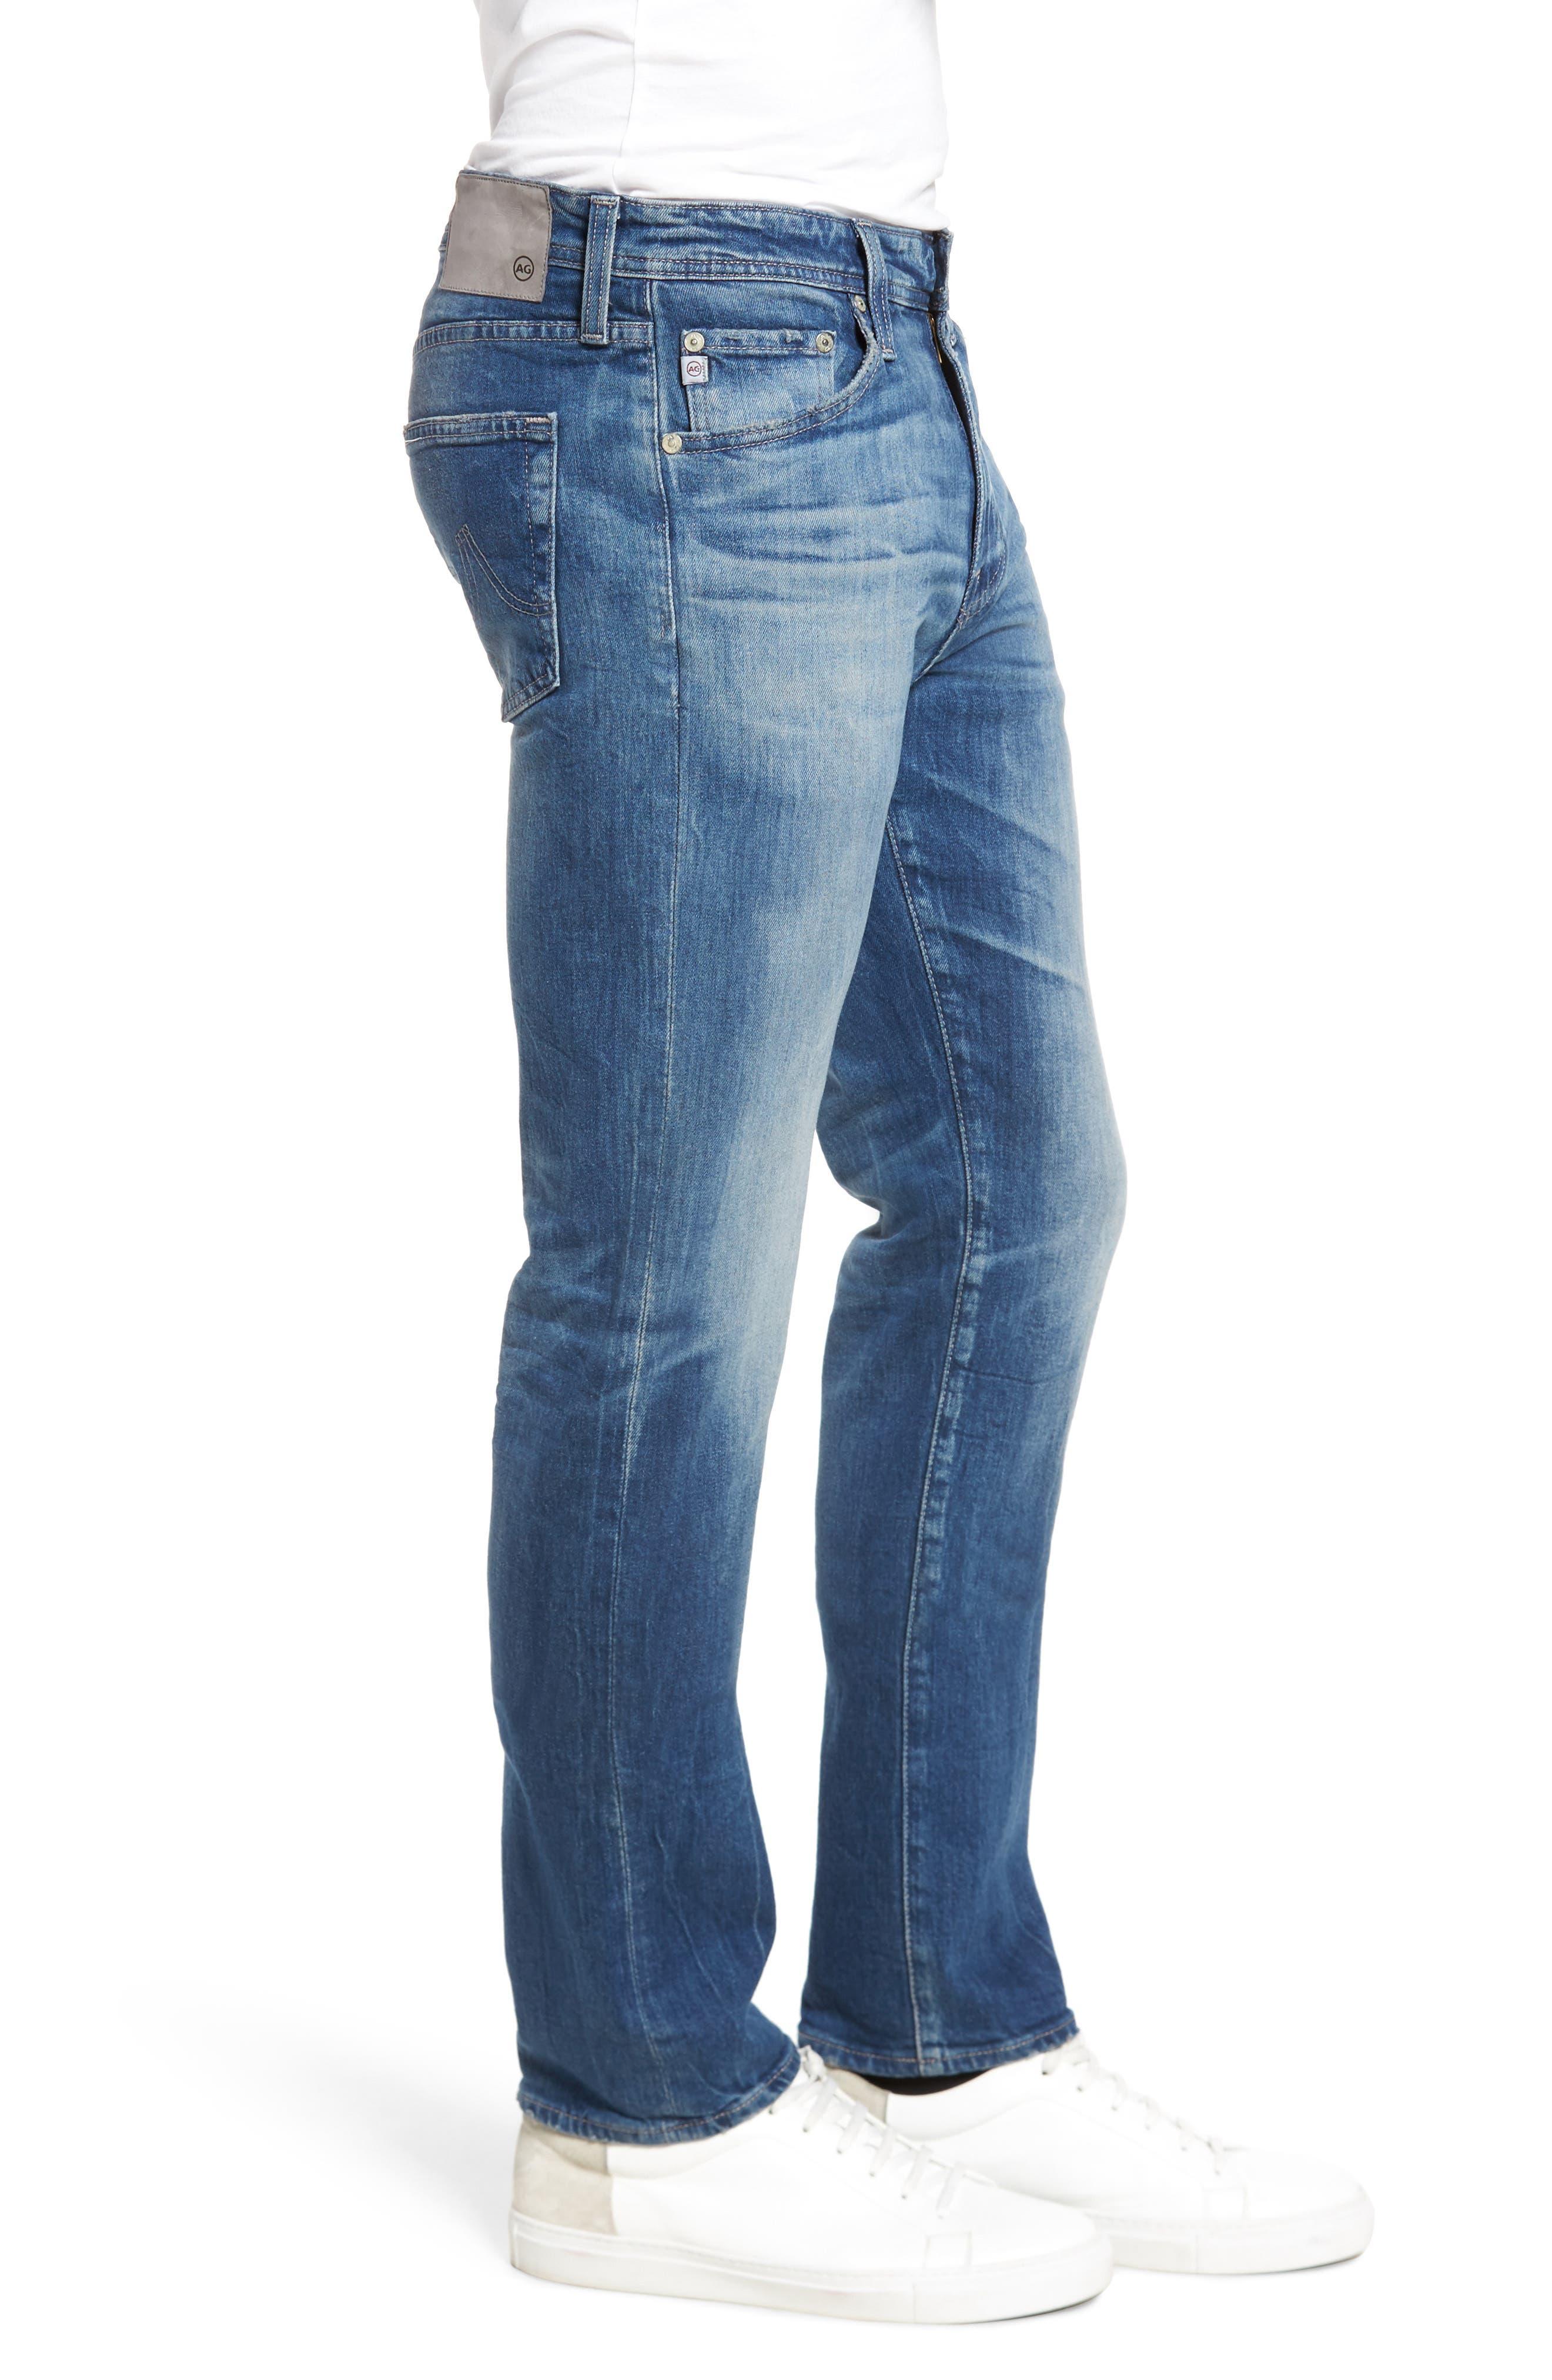 Everett Slim Straight Leg Jeans,                             Alternate thumbnail 3, color,                             429